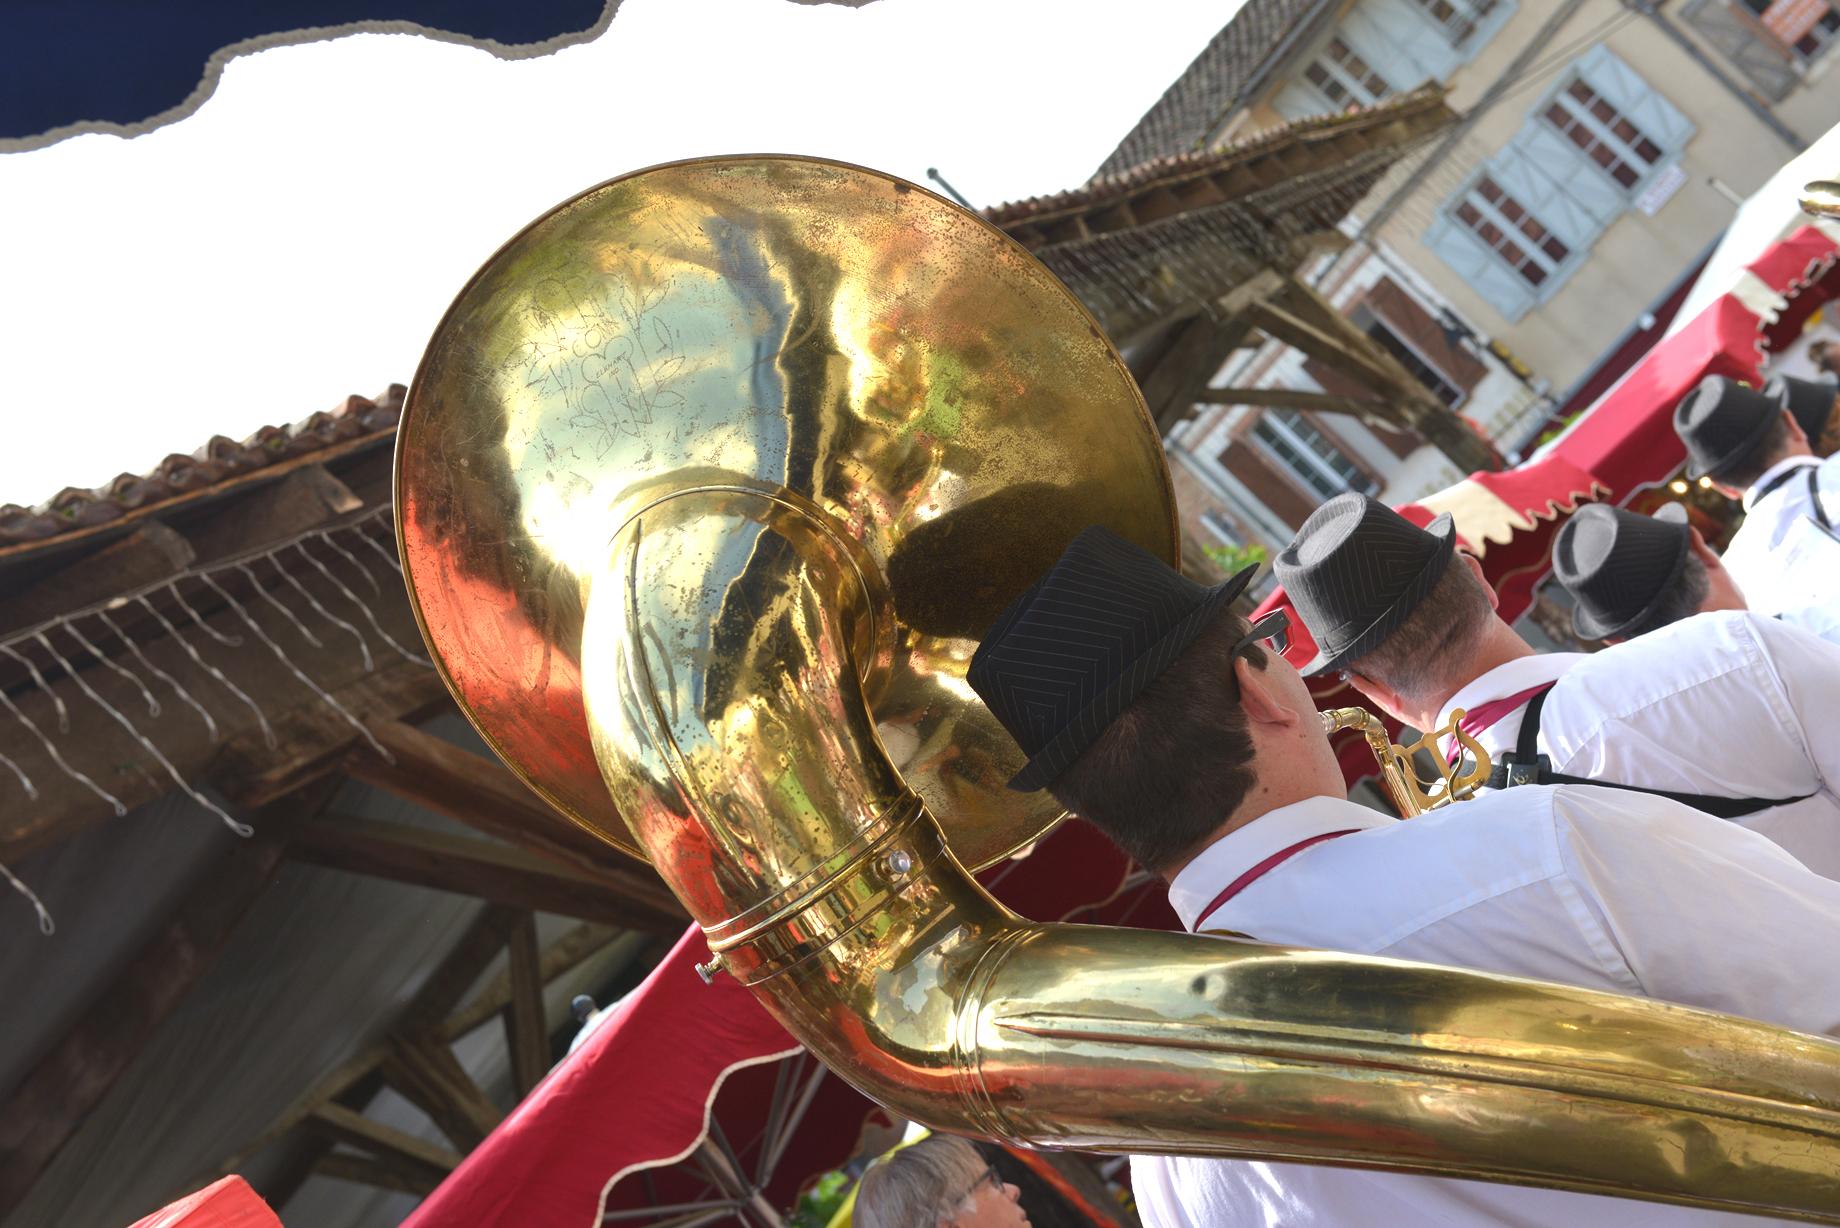 Festivités en Lomagne, musique, banda